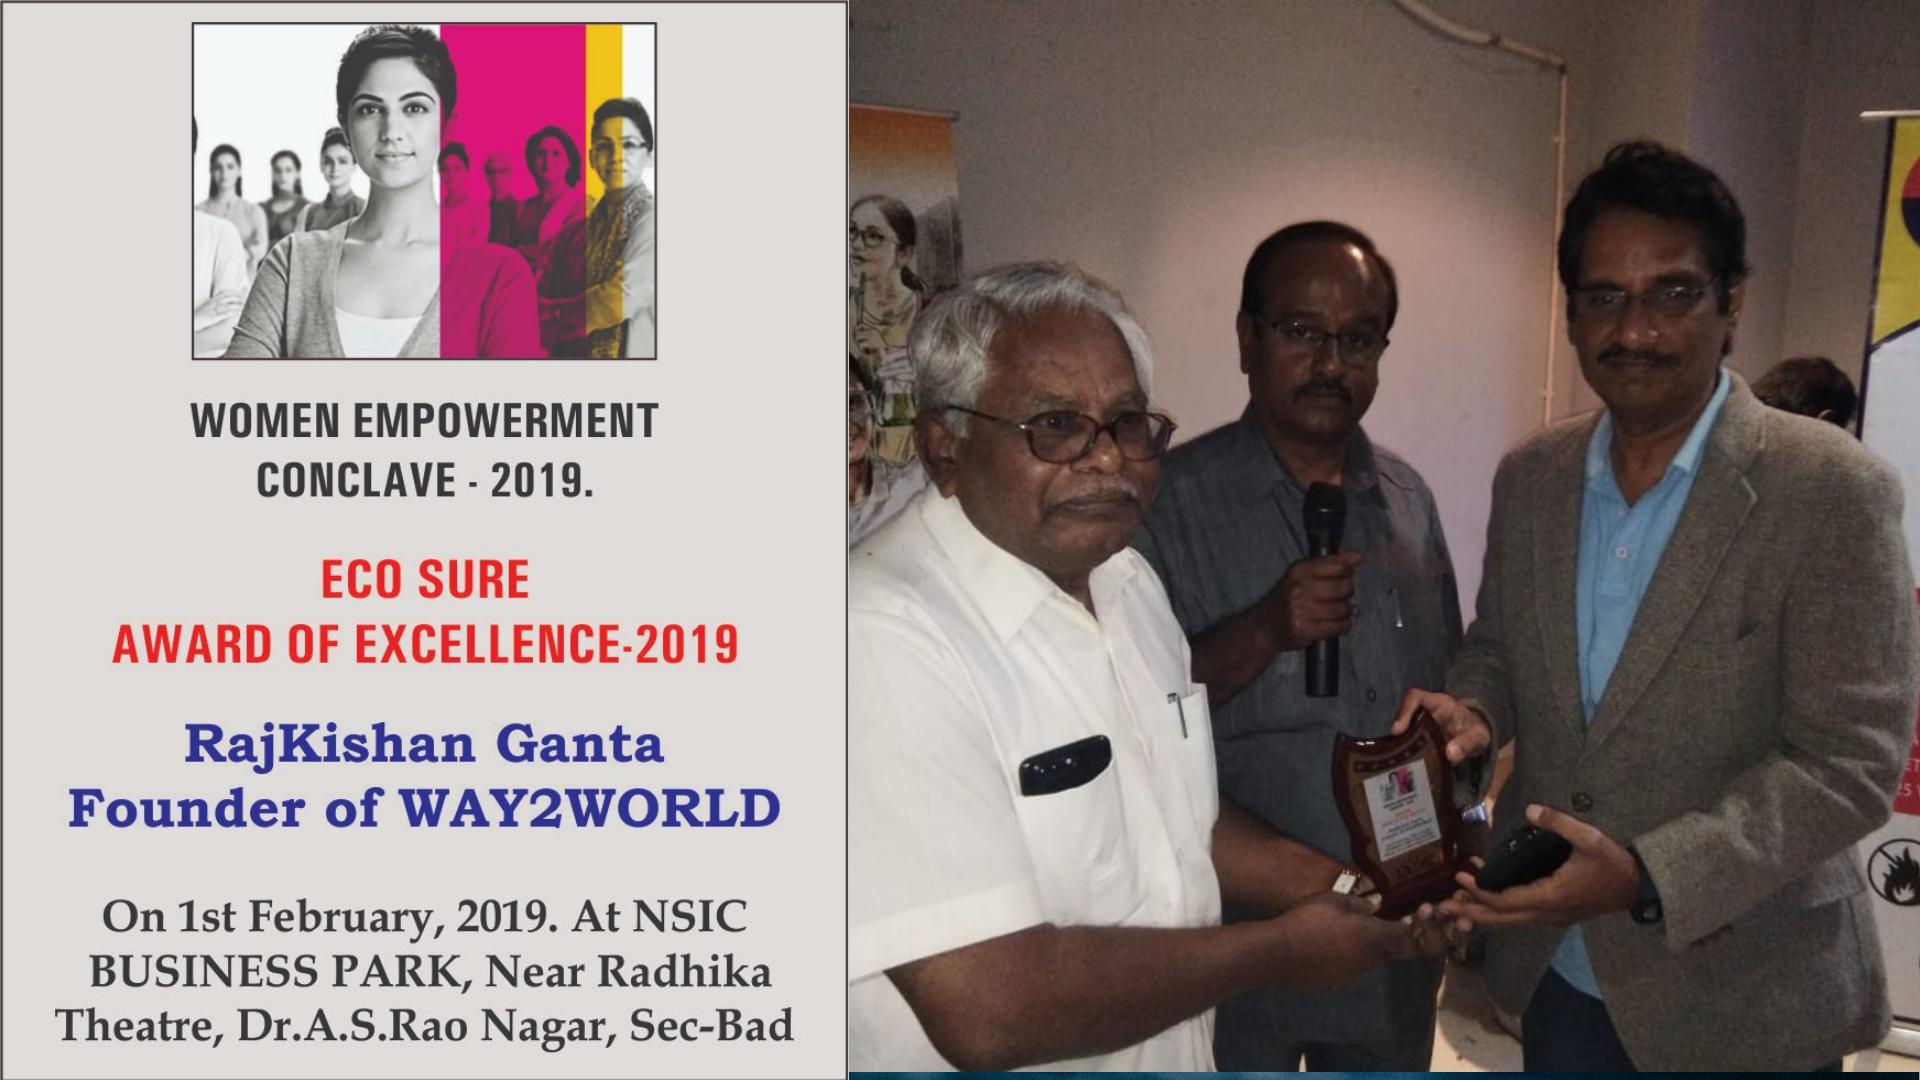 Ecosure WEMP awards